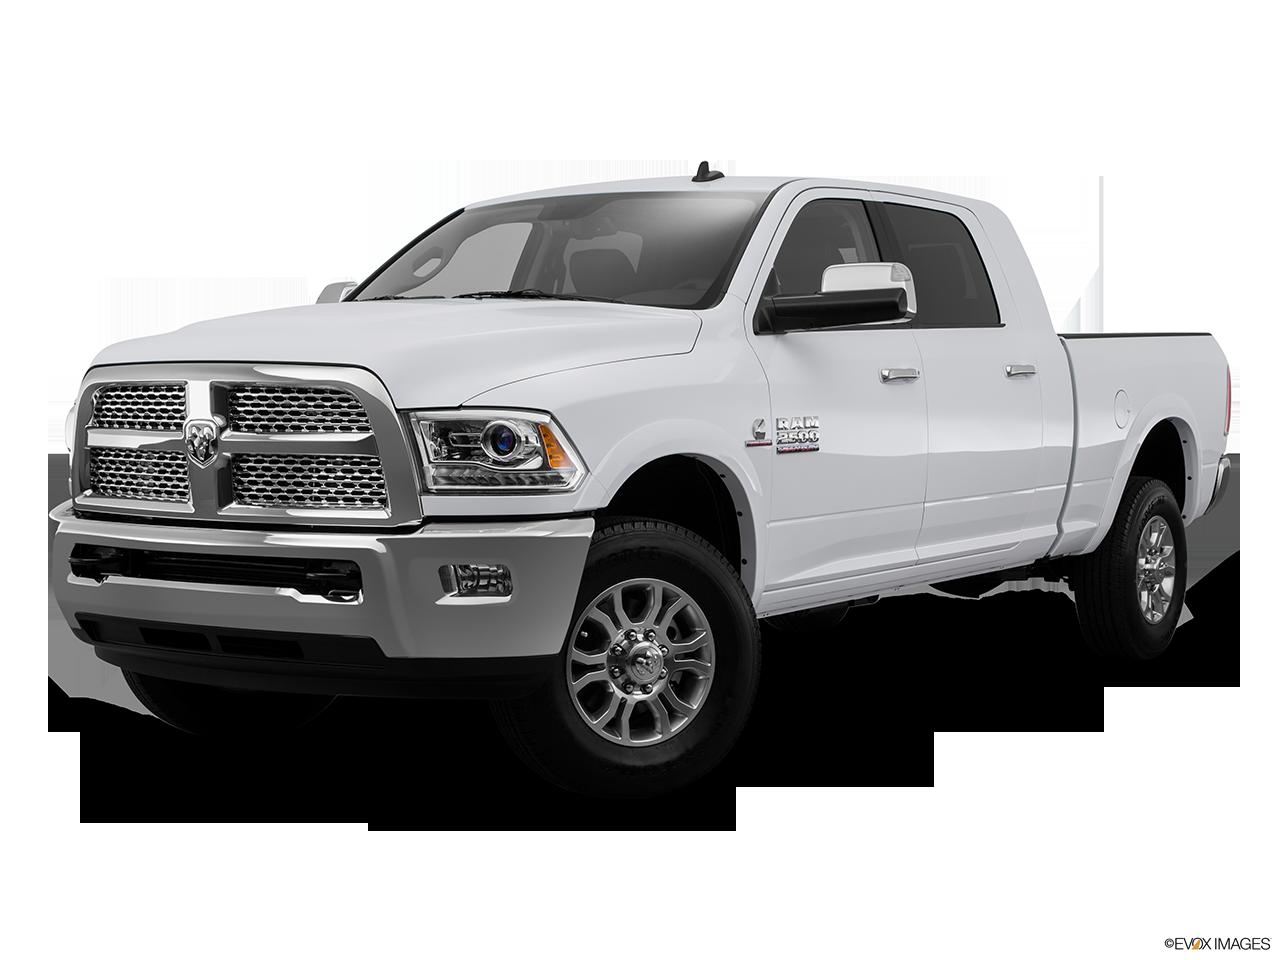 Carl Burger Dodge San Diego >> 2015 RAM 2500 dealer serving San Diego | Carl Burger Dodge